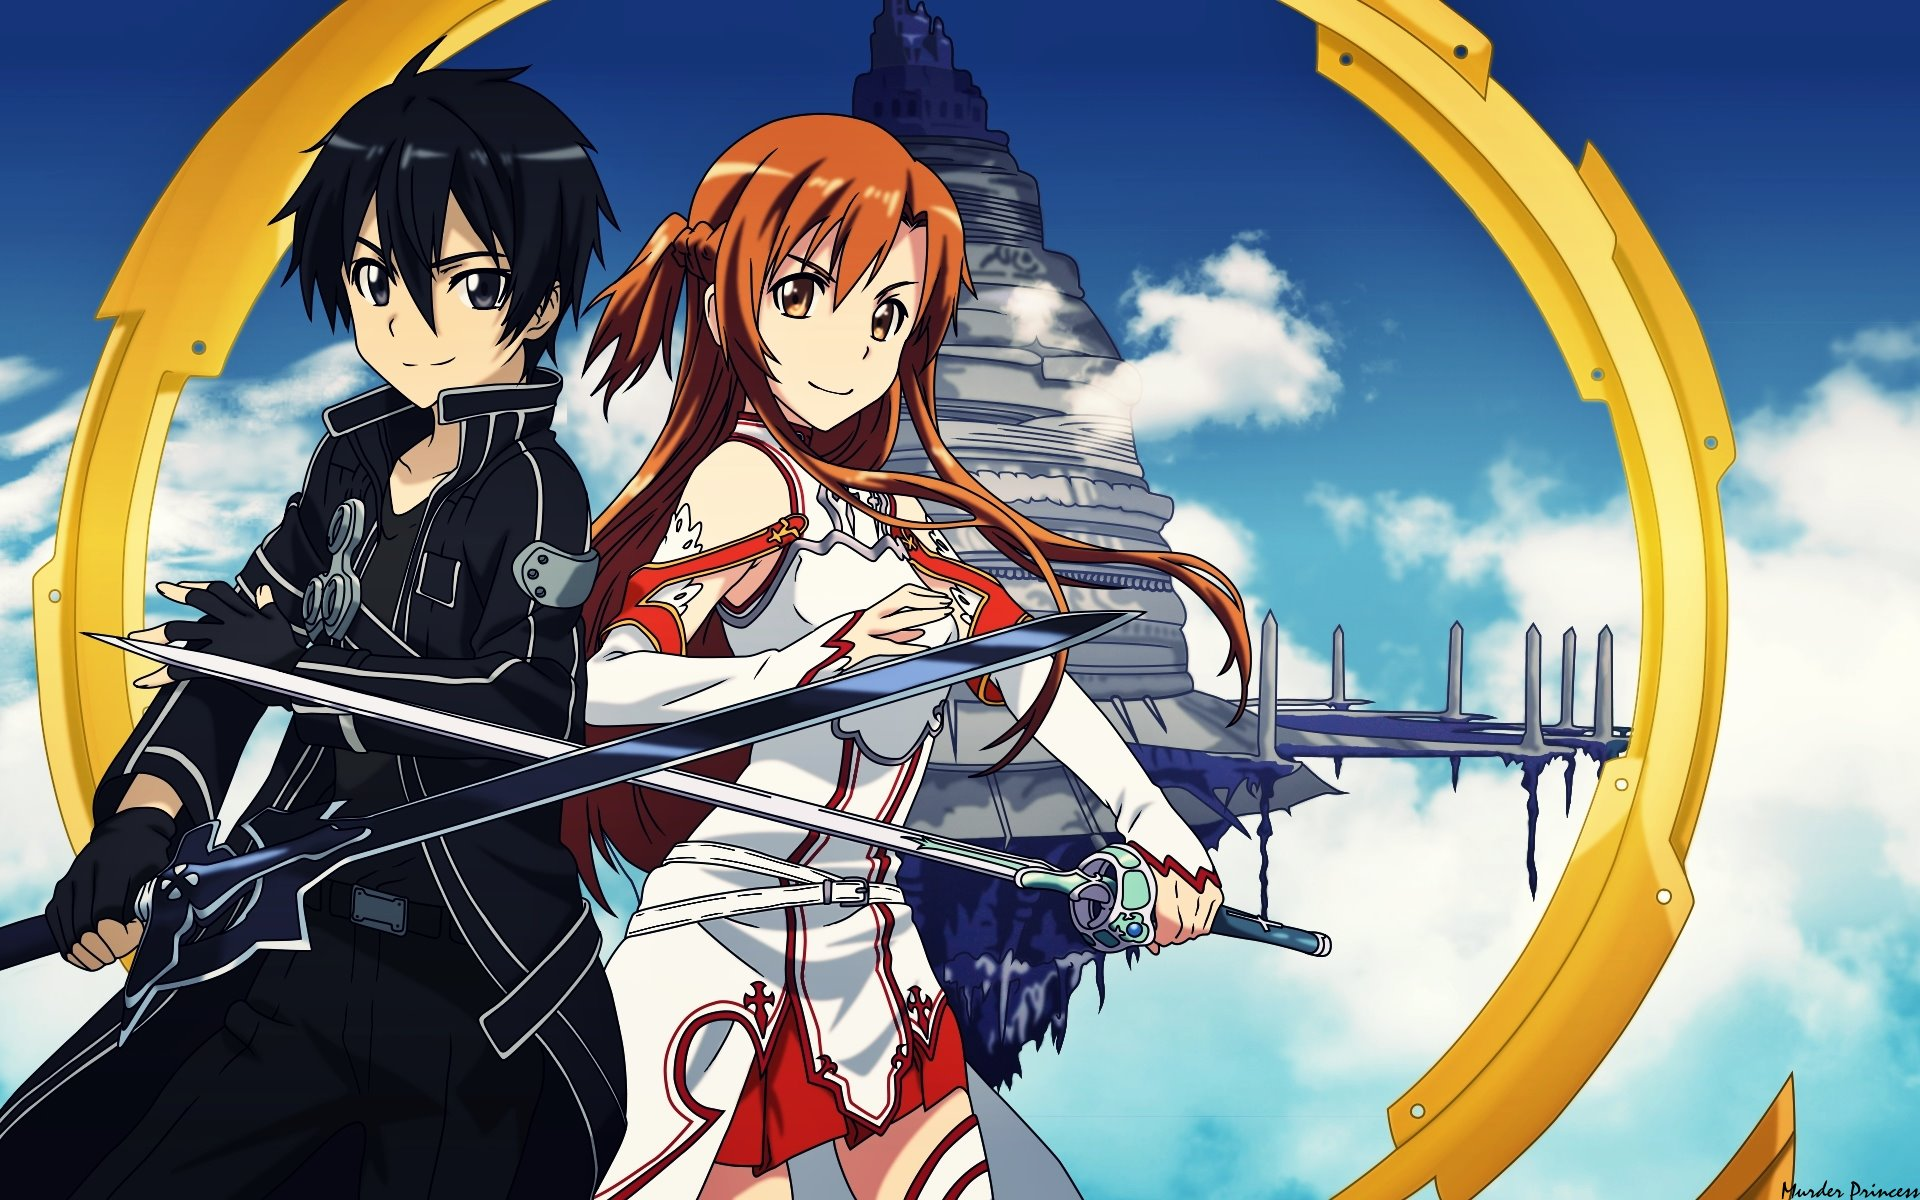 Sword Art Online - dadwatchesanime